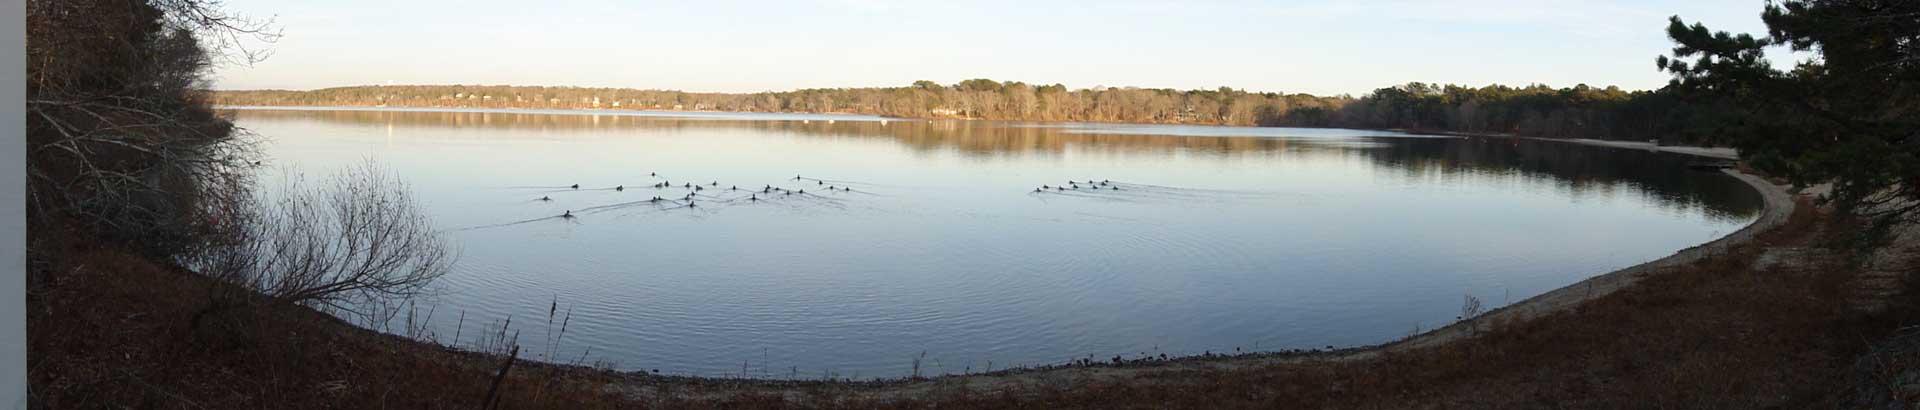 Pan image of Ashumet Pond by Joan Bates